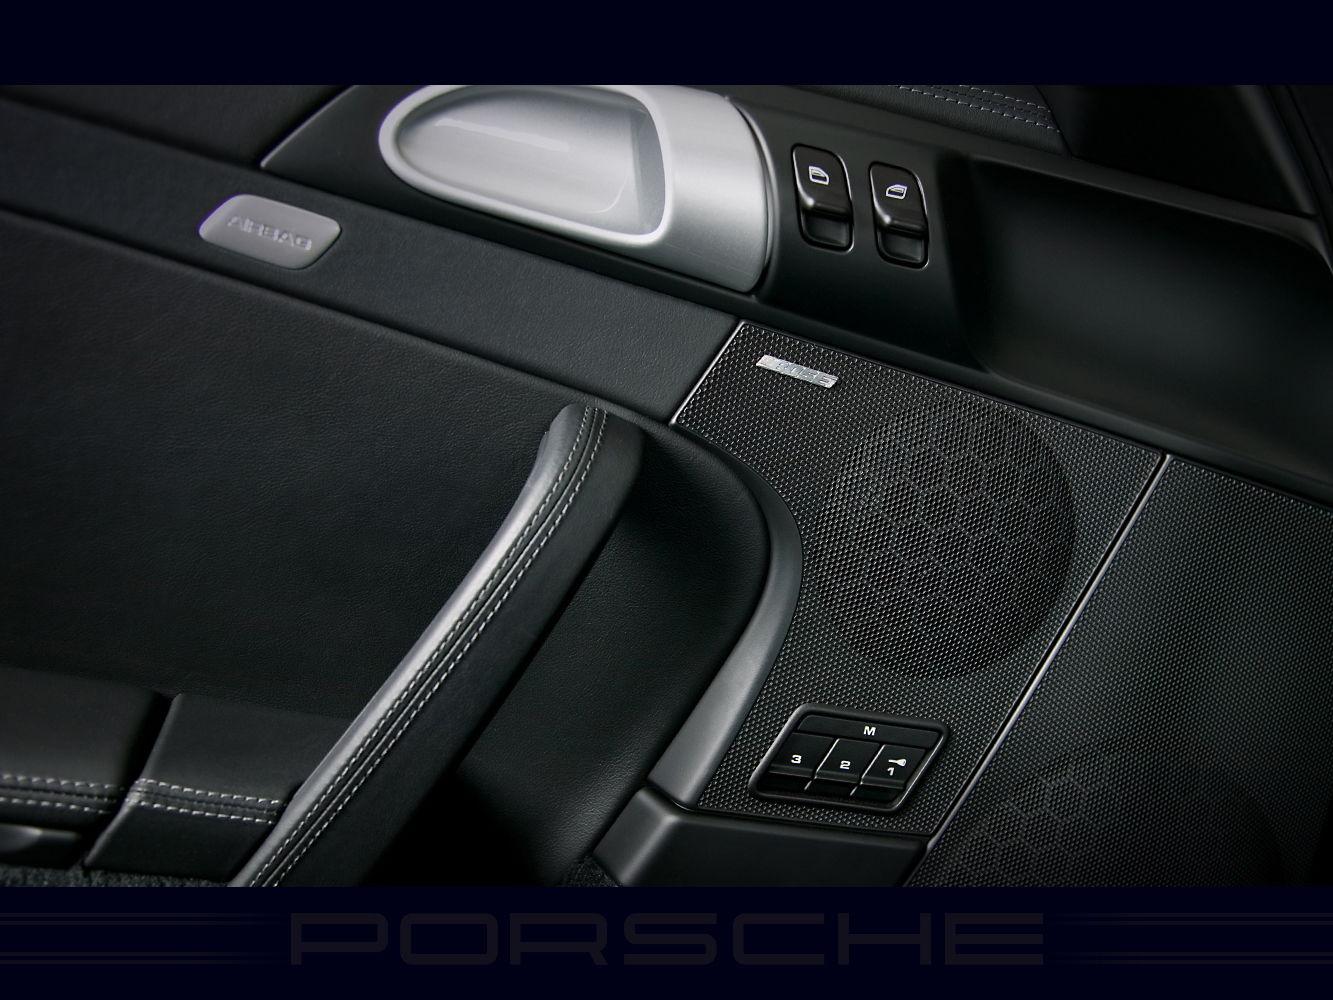 pcm 3 0 navigation bose stereo system rennlist. Black Bedroom Furniture Sets. Home Design Ideas